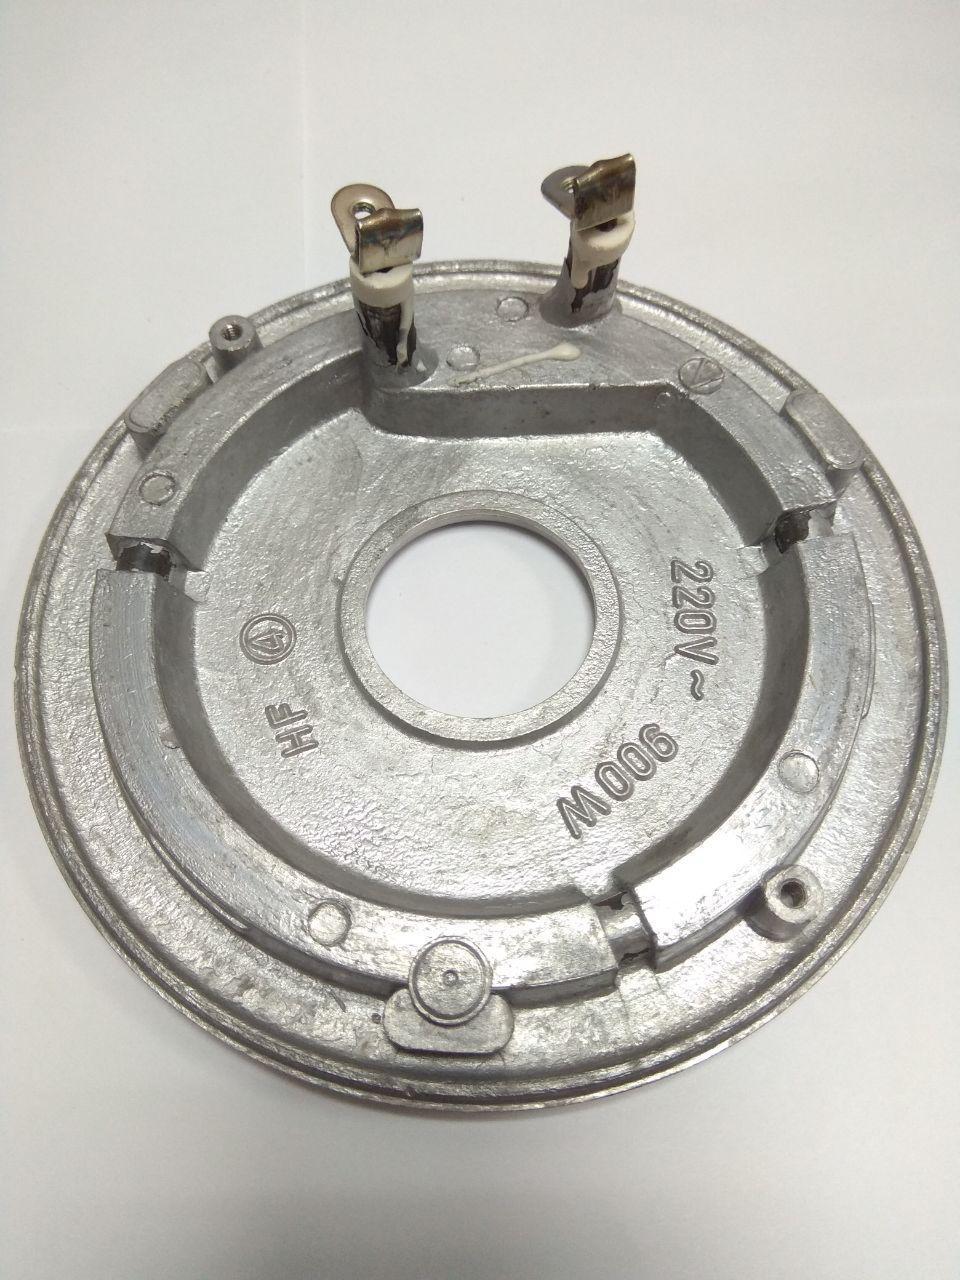 ТЭН для мультиварки Redmond RMC-M30 тип 3